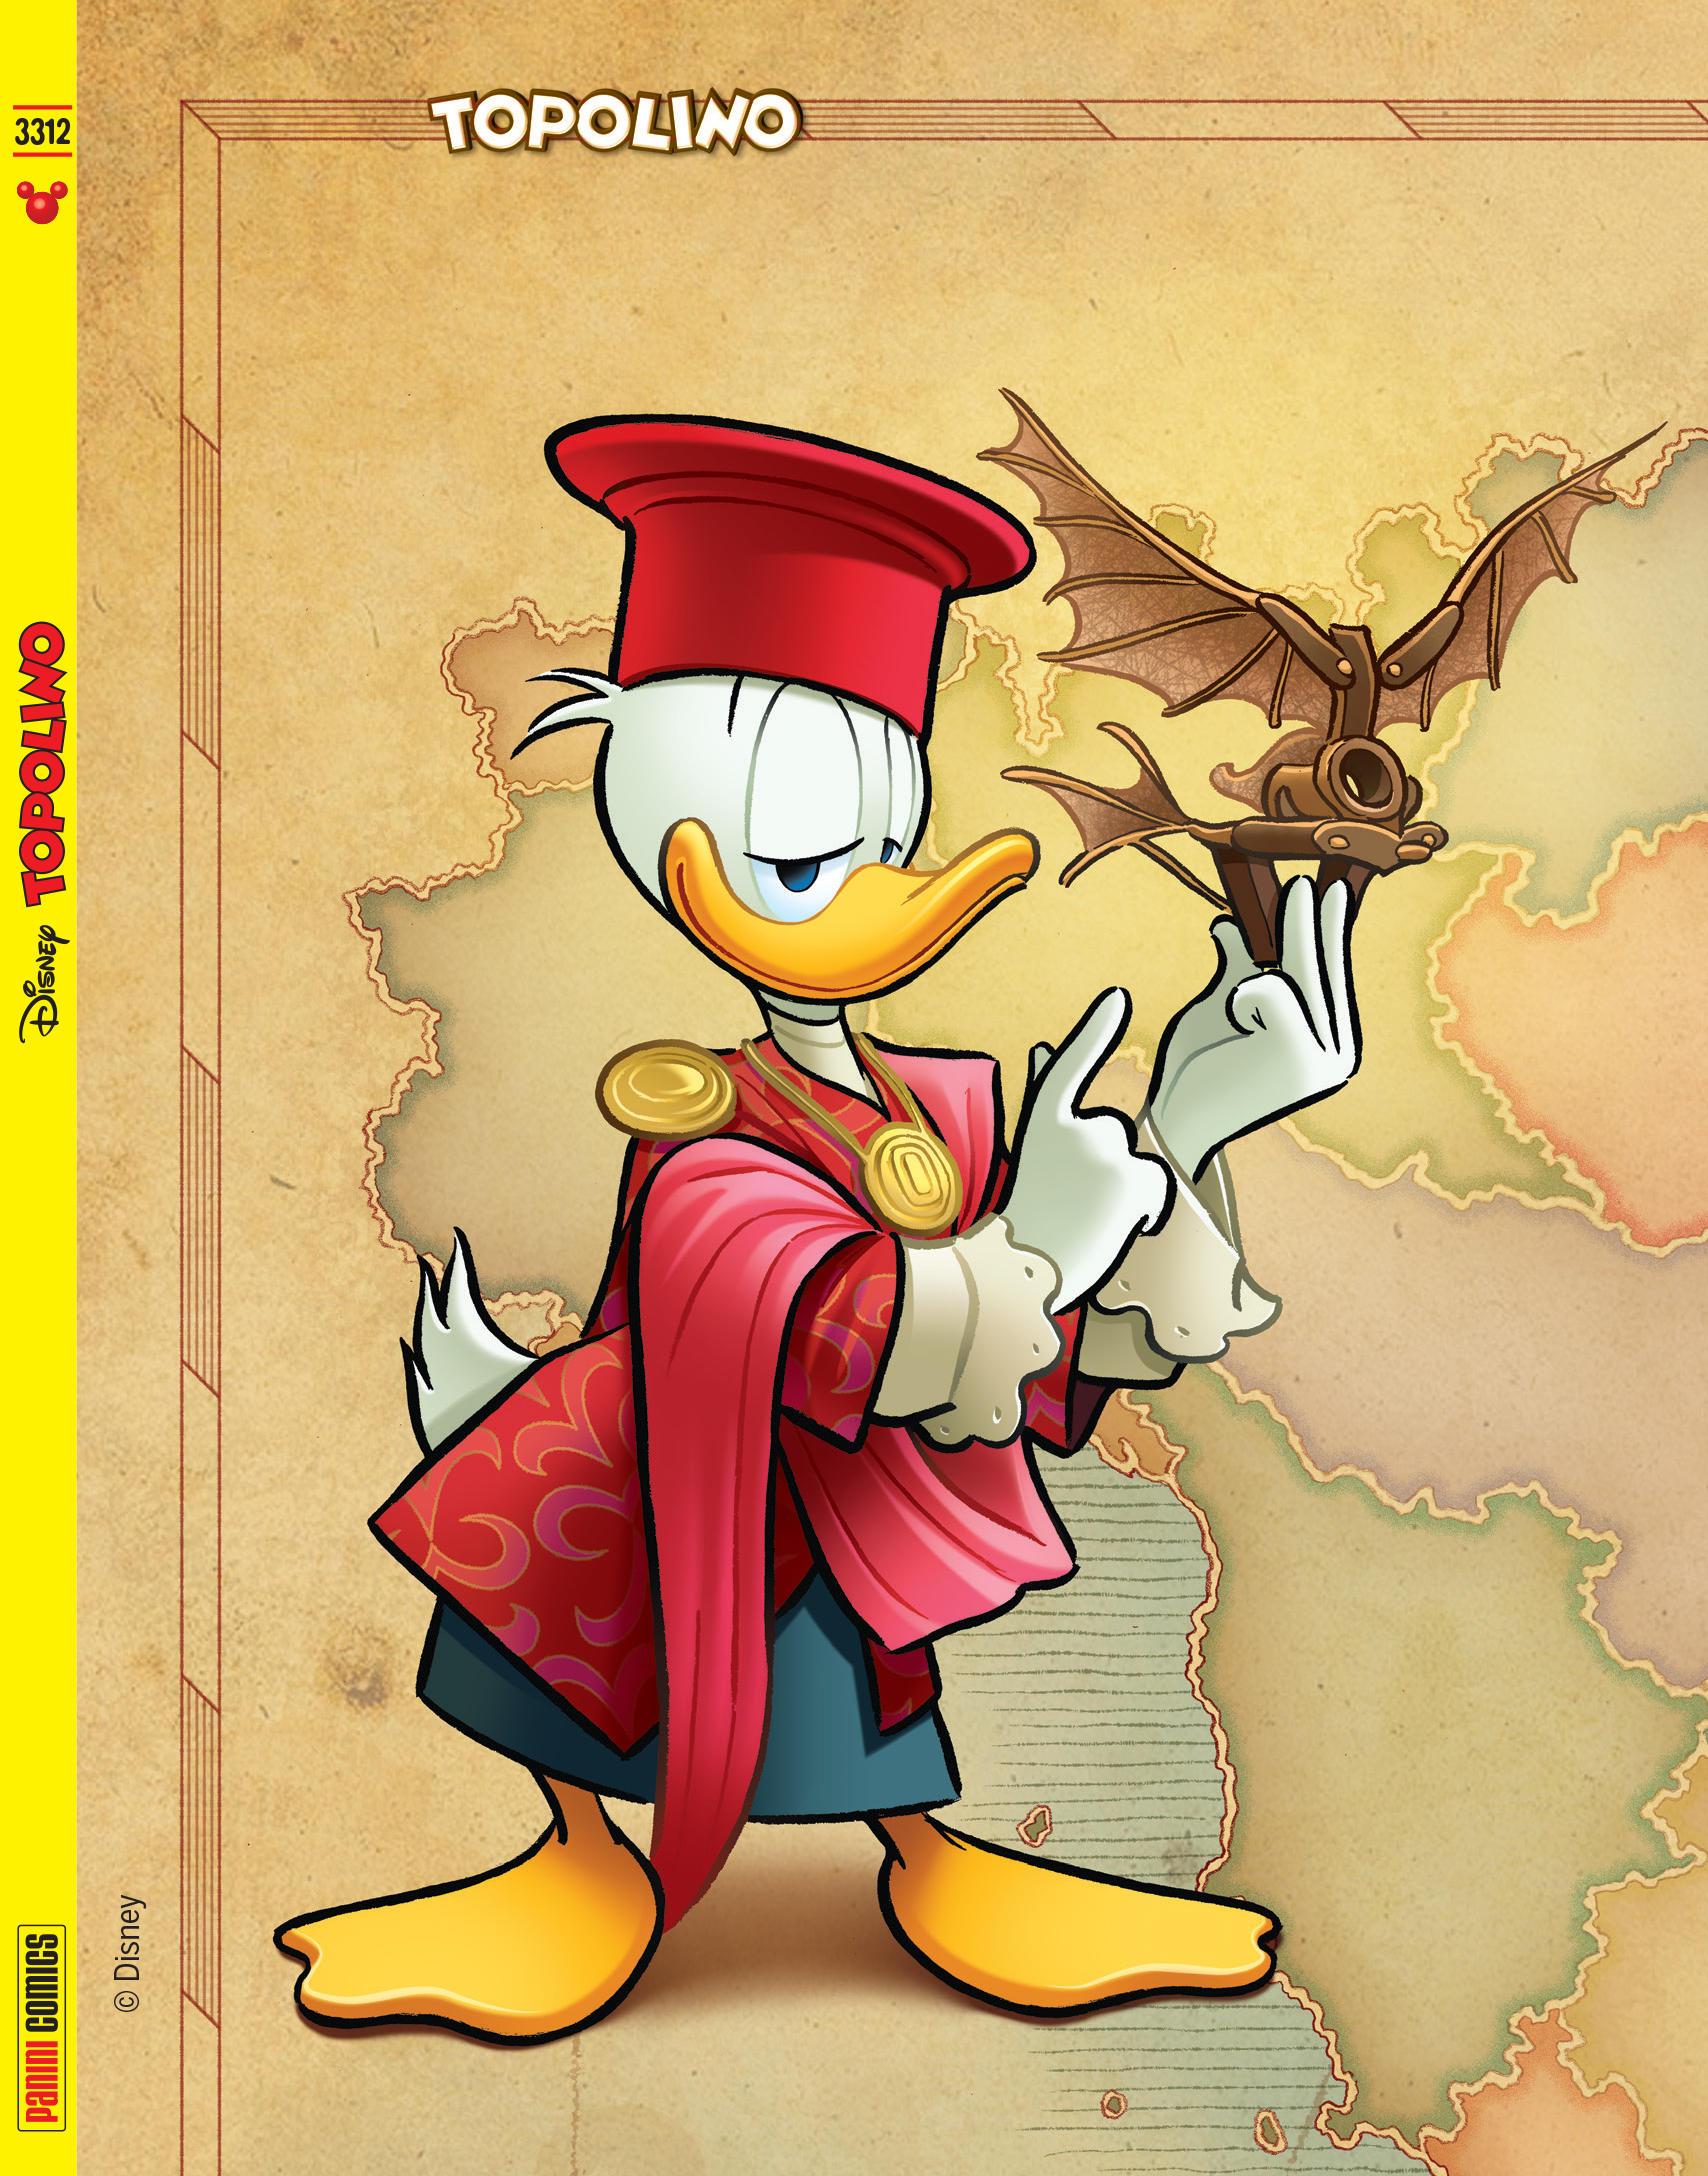 Topolino celebra il genio di Leonardo da Vinci: Paperino arriva in Italia